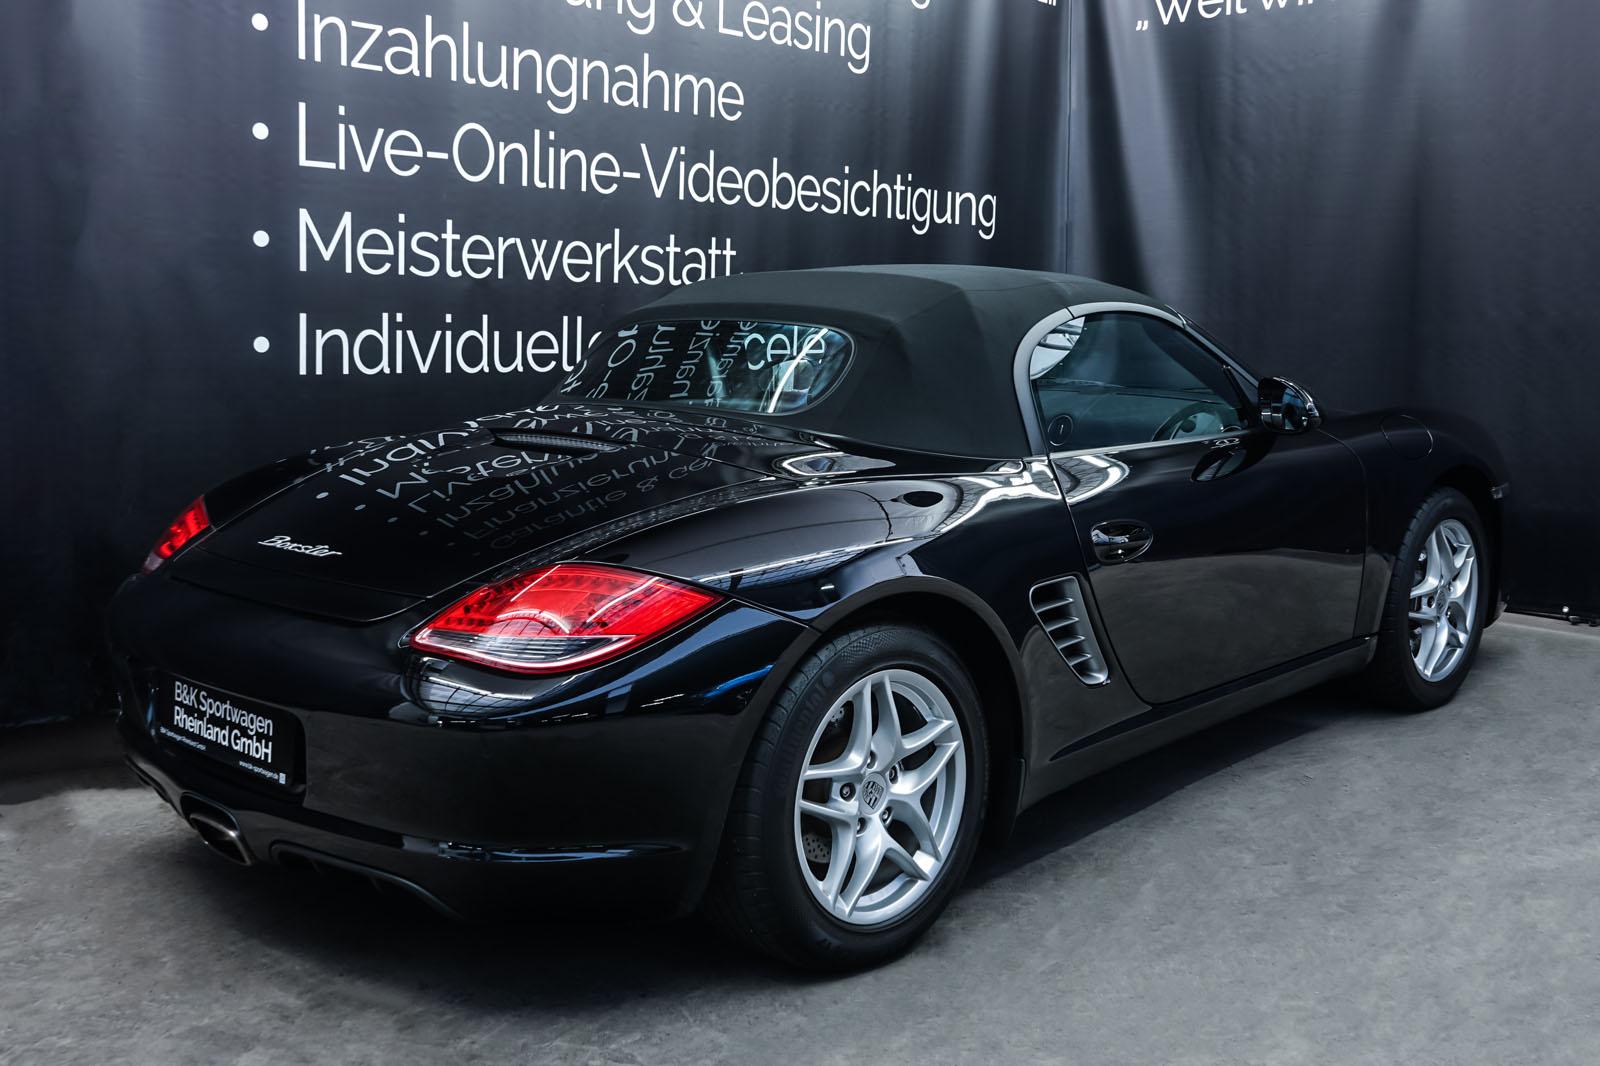 Porsche_Boxster_Schwarz_Schwarz_POR-0927_20_w